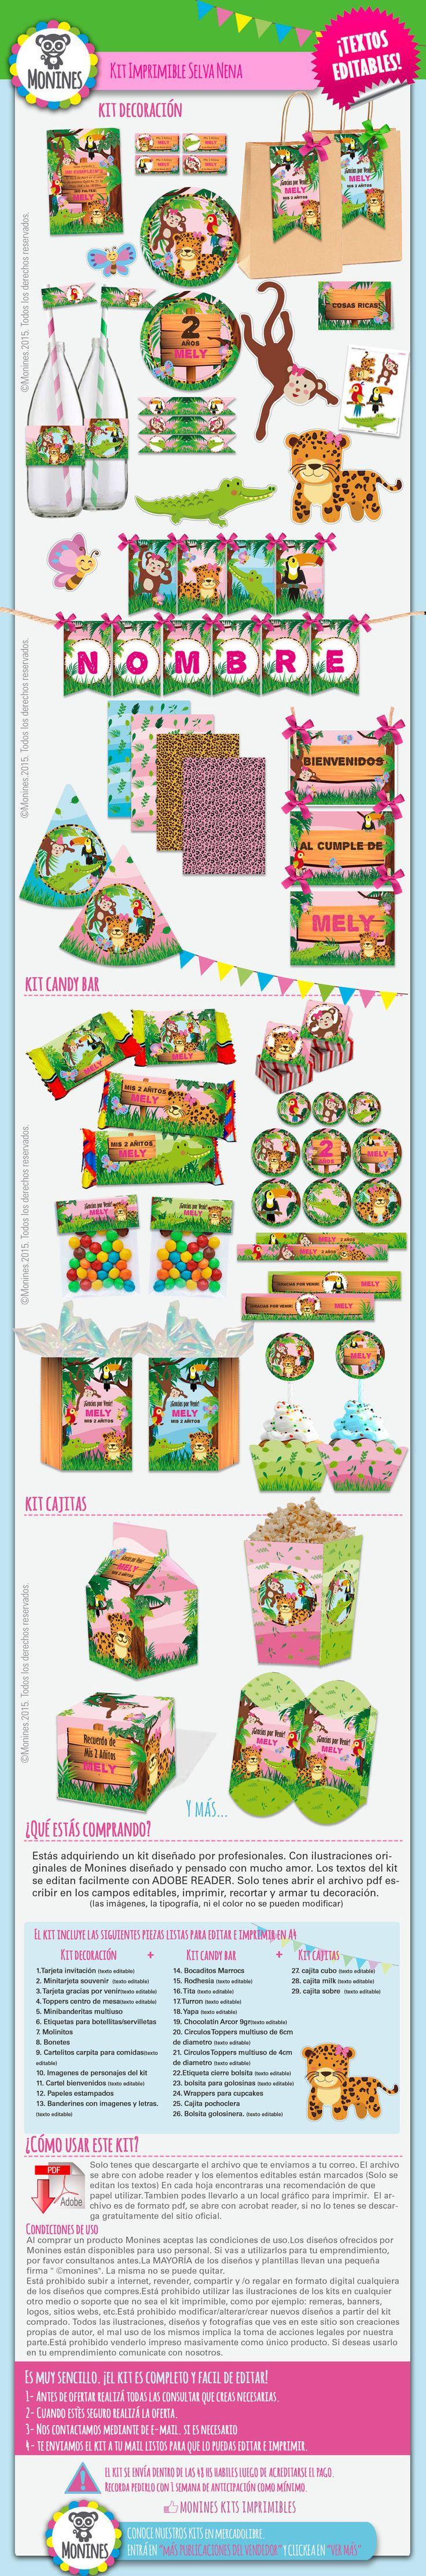 M 225 s de 1000 ideas sobre decoraciones de fiesta de safari en pinterest - Peppa Pig Safari Cafes Animals